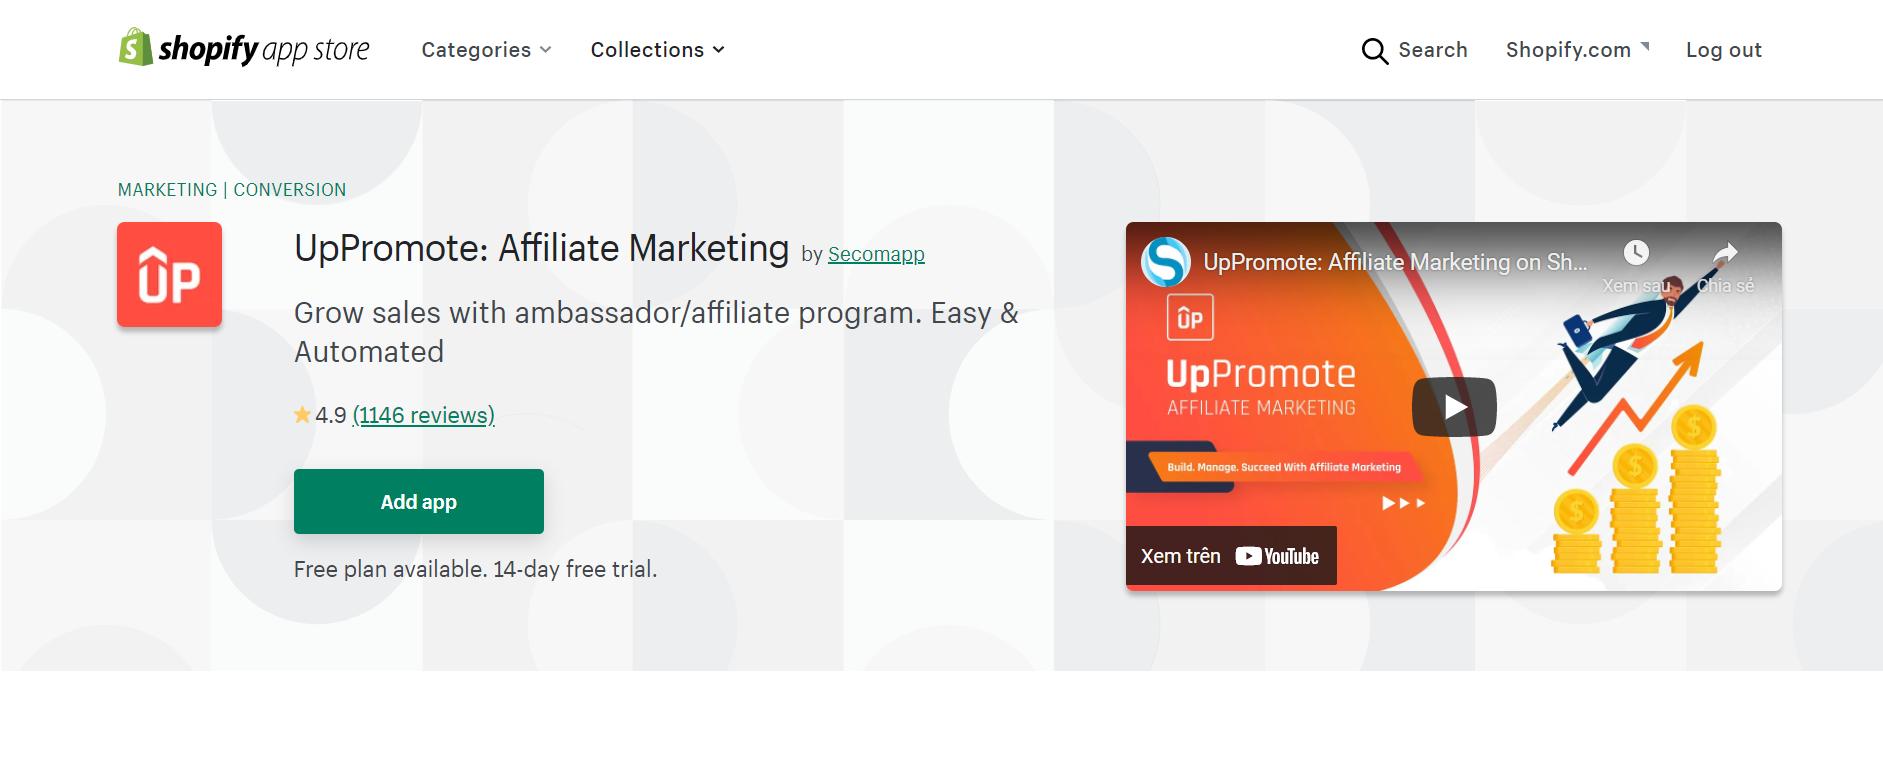 uppromote affiliate marketing